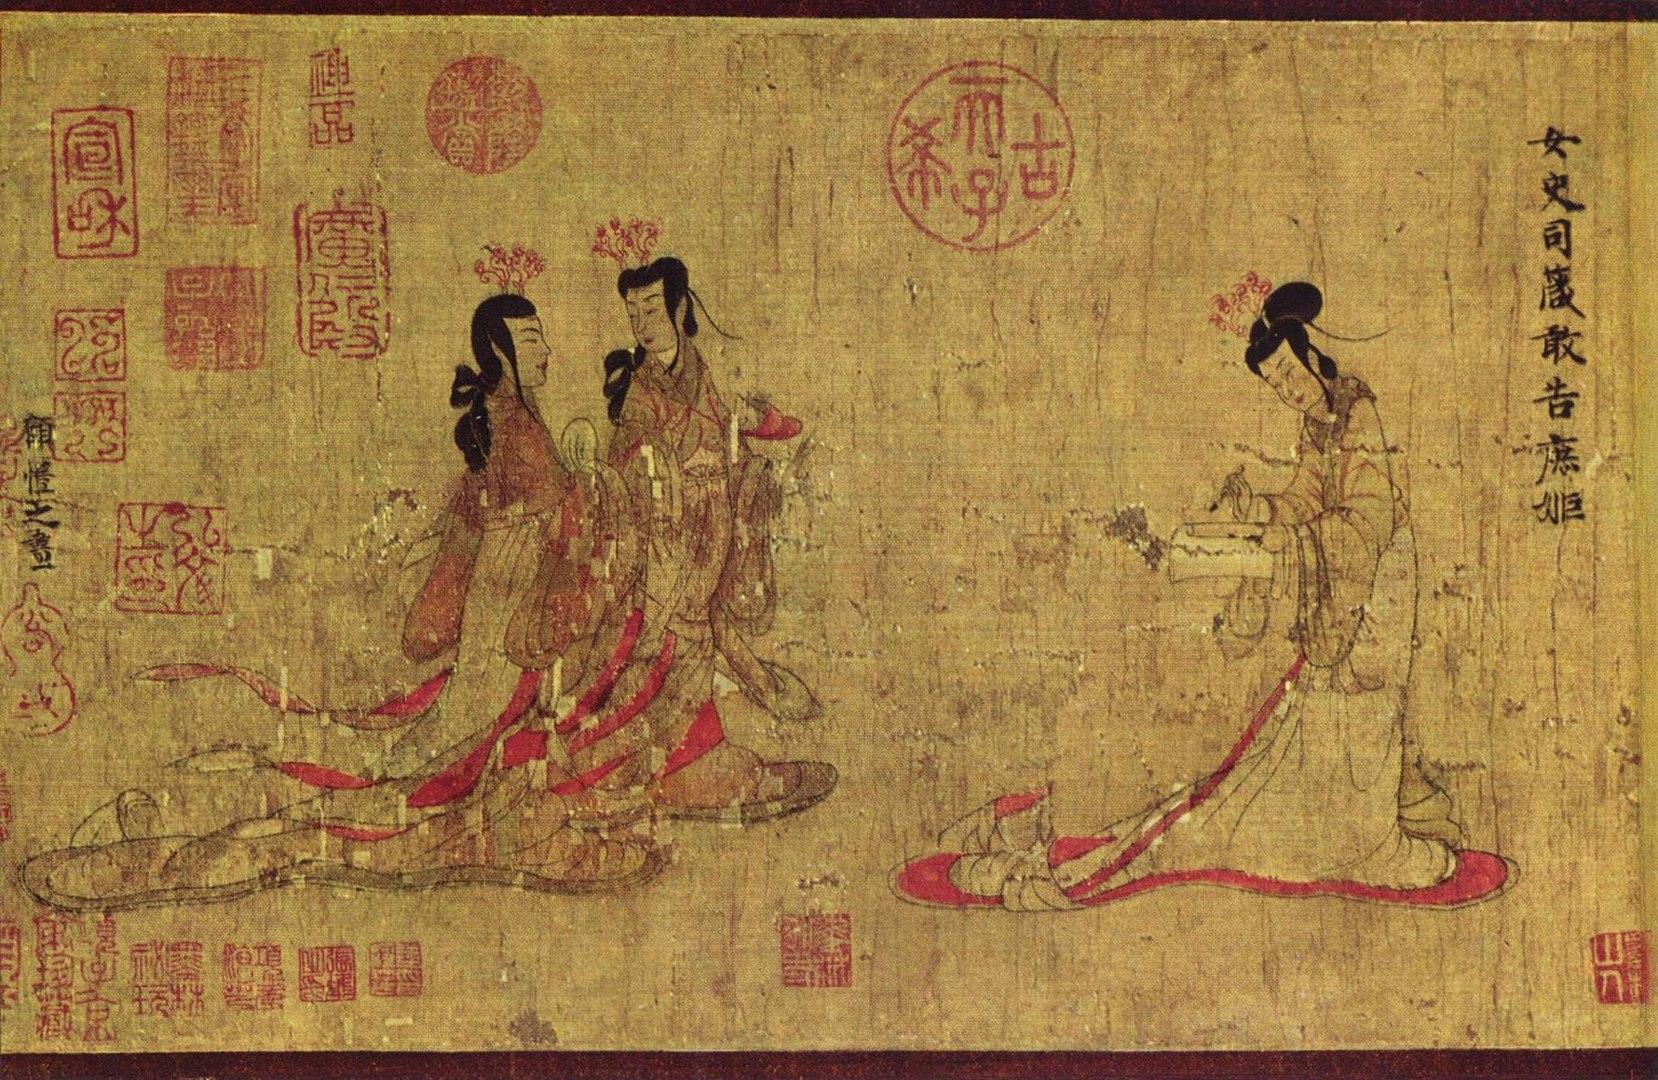 Xunzi 荀子 – Elementos de ética, visões do Caminho